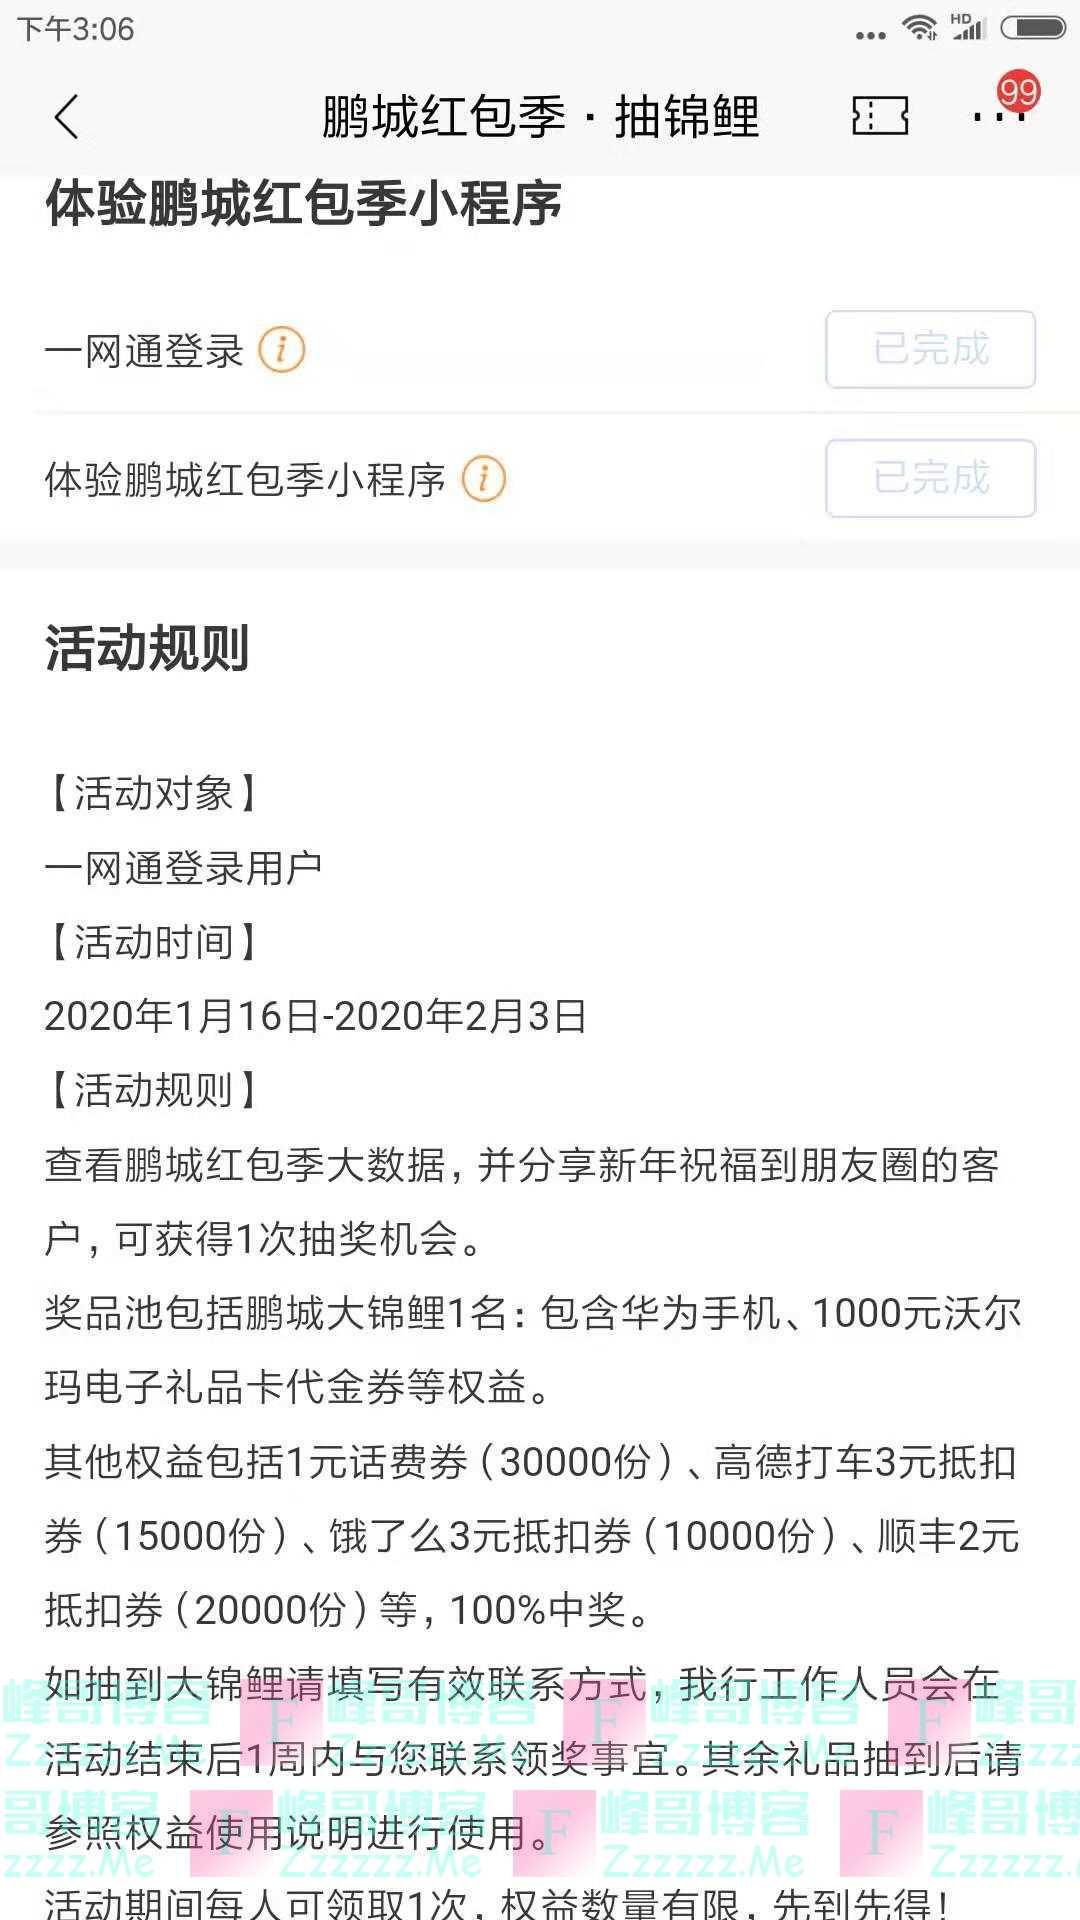 招行鹏城红包季抽锦鲤(截止2月3日)